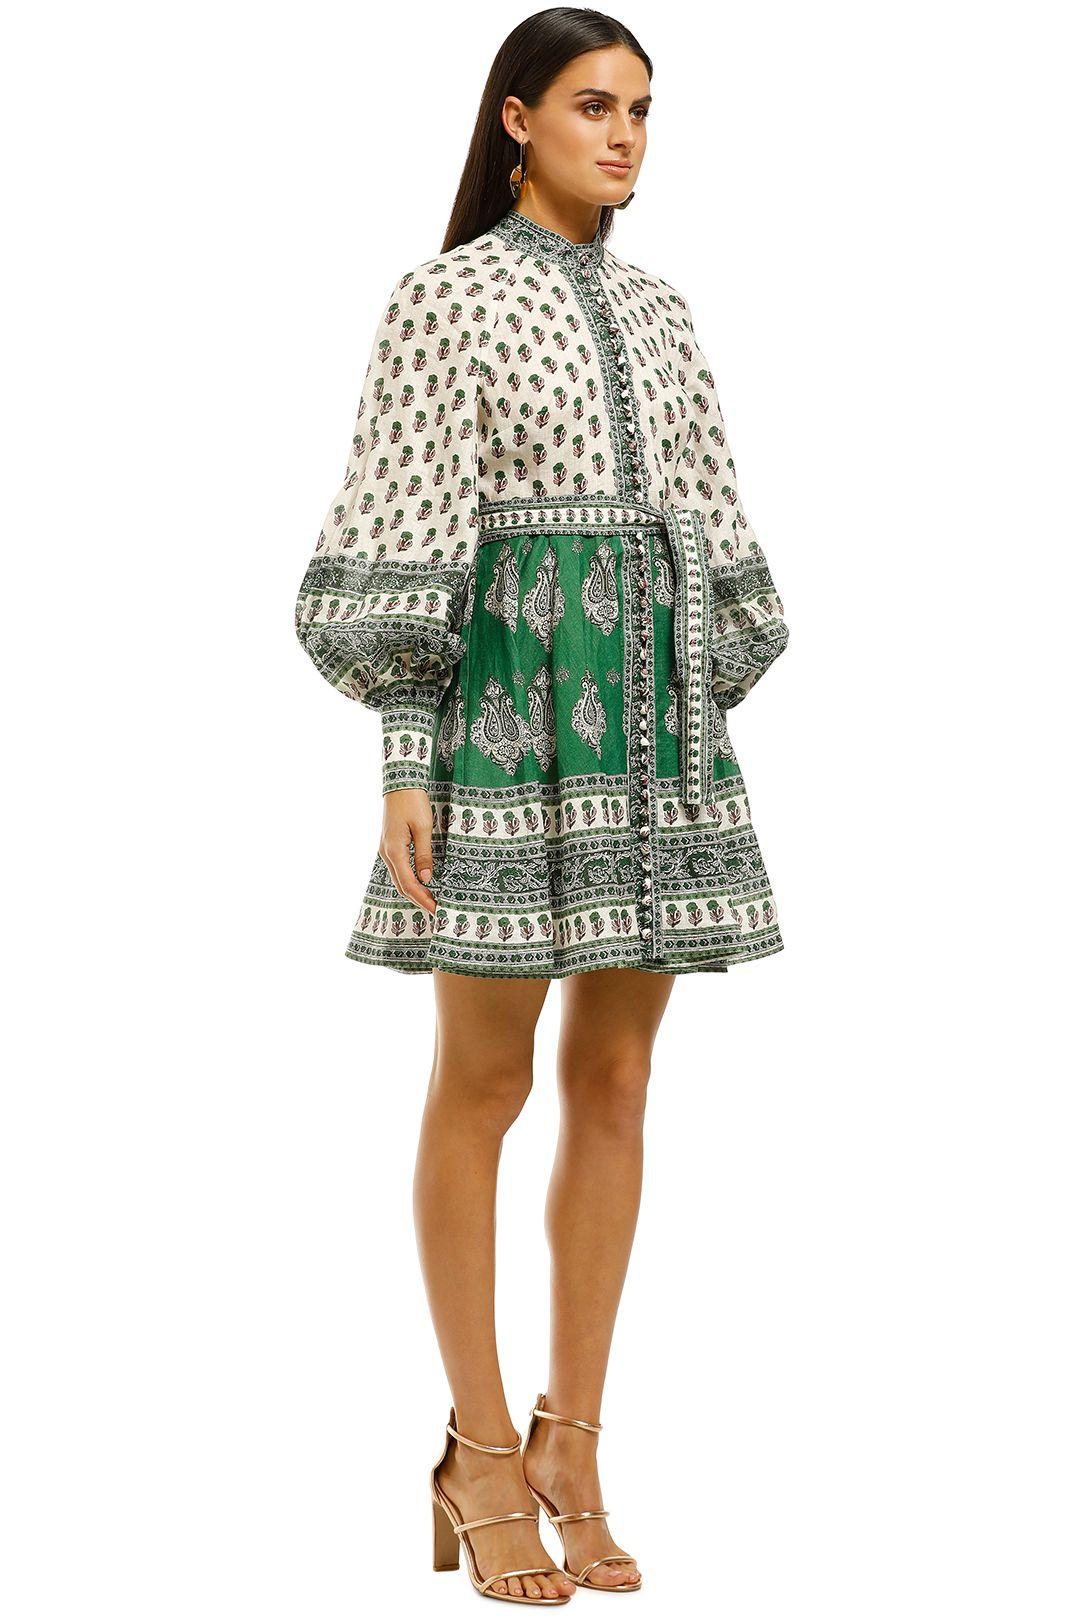 Zimmermann-Amari-Emerald-Buttoned-Dress-Green-Paisley-Side